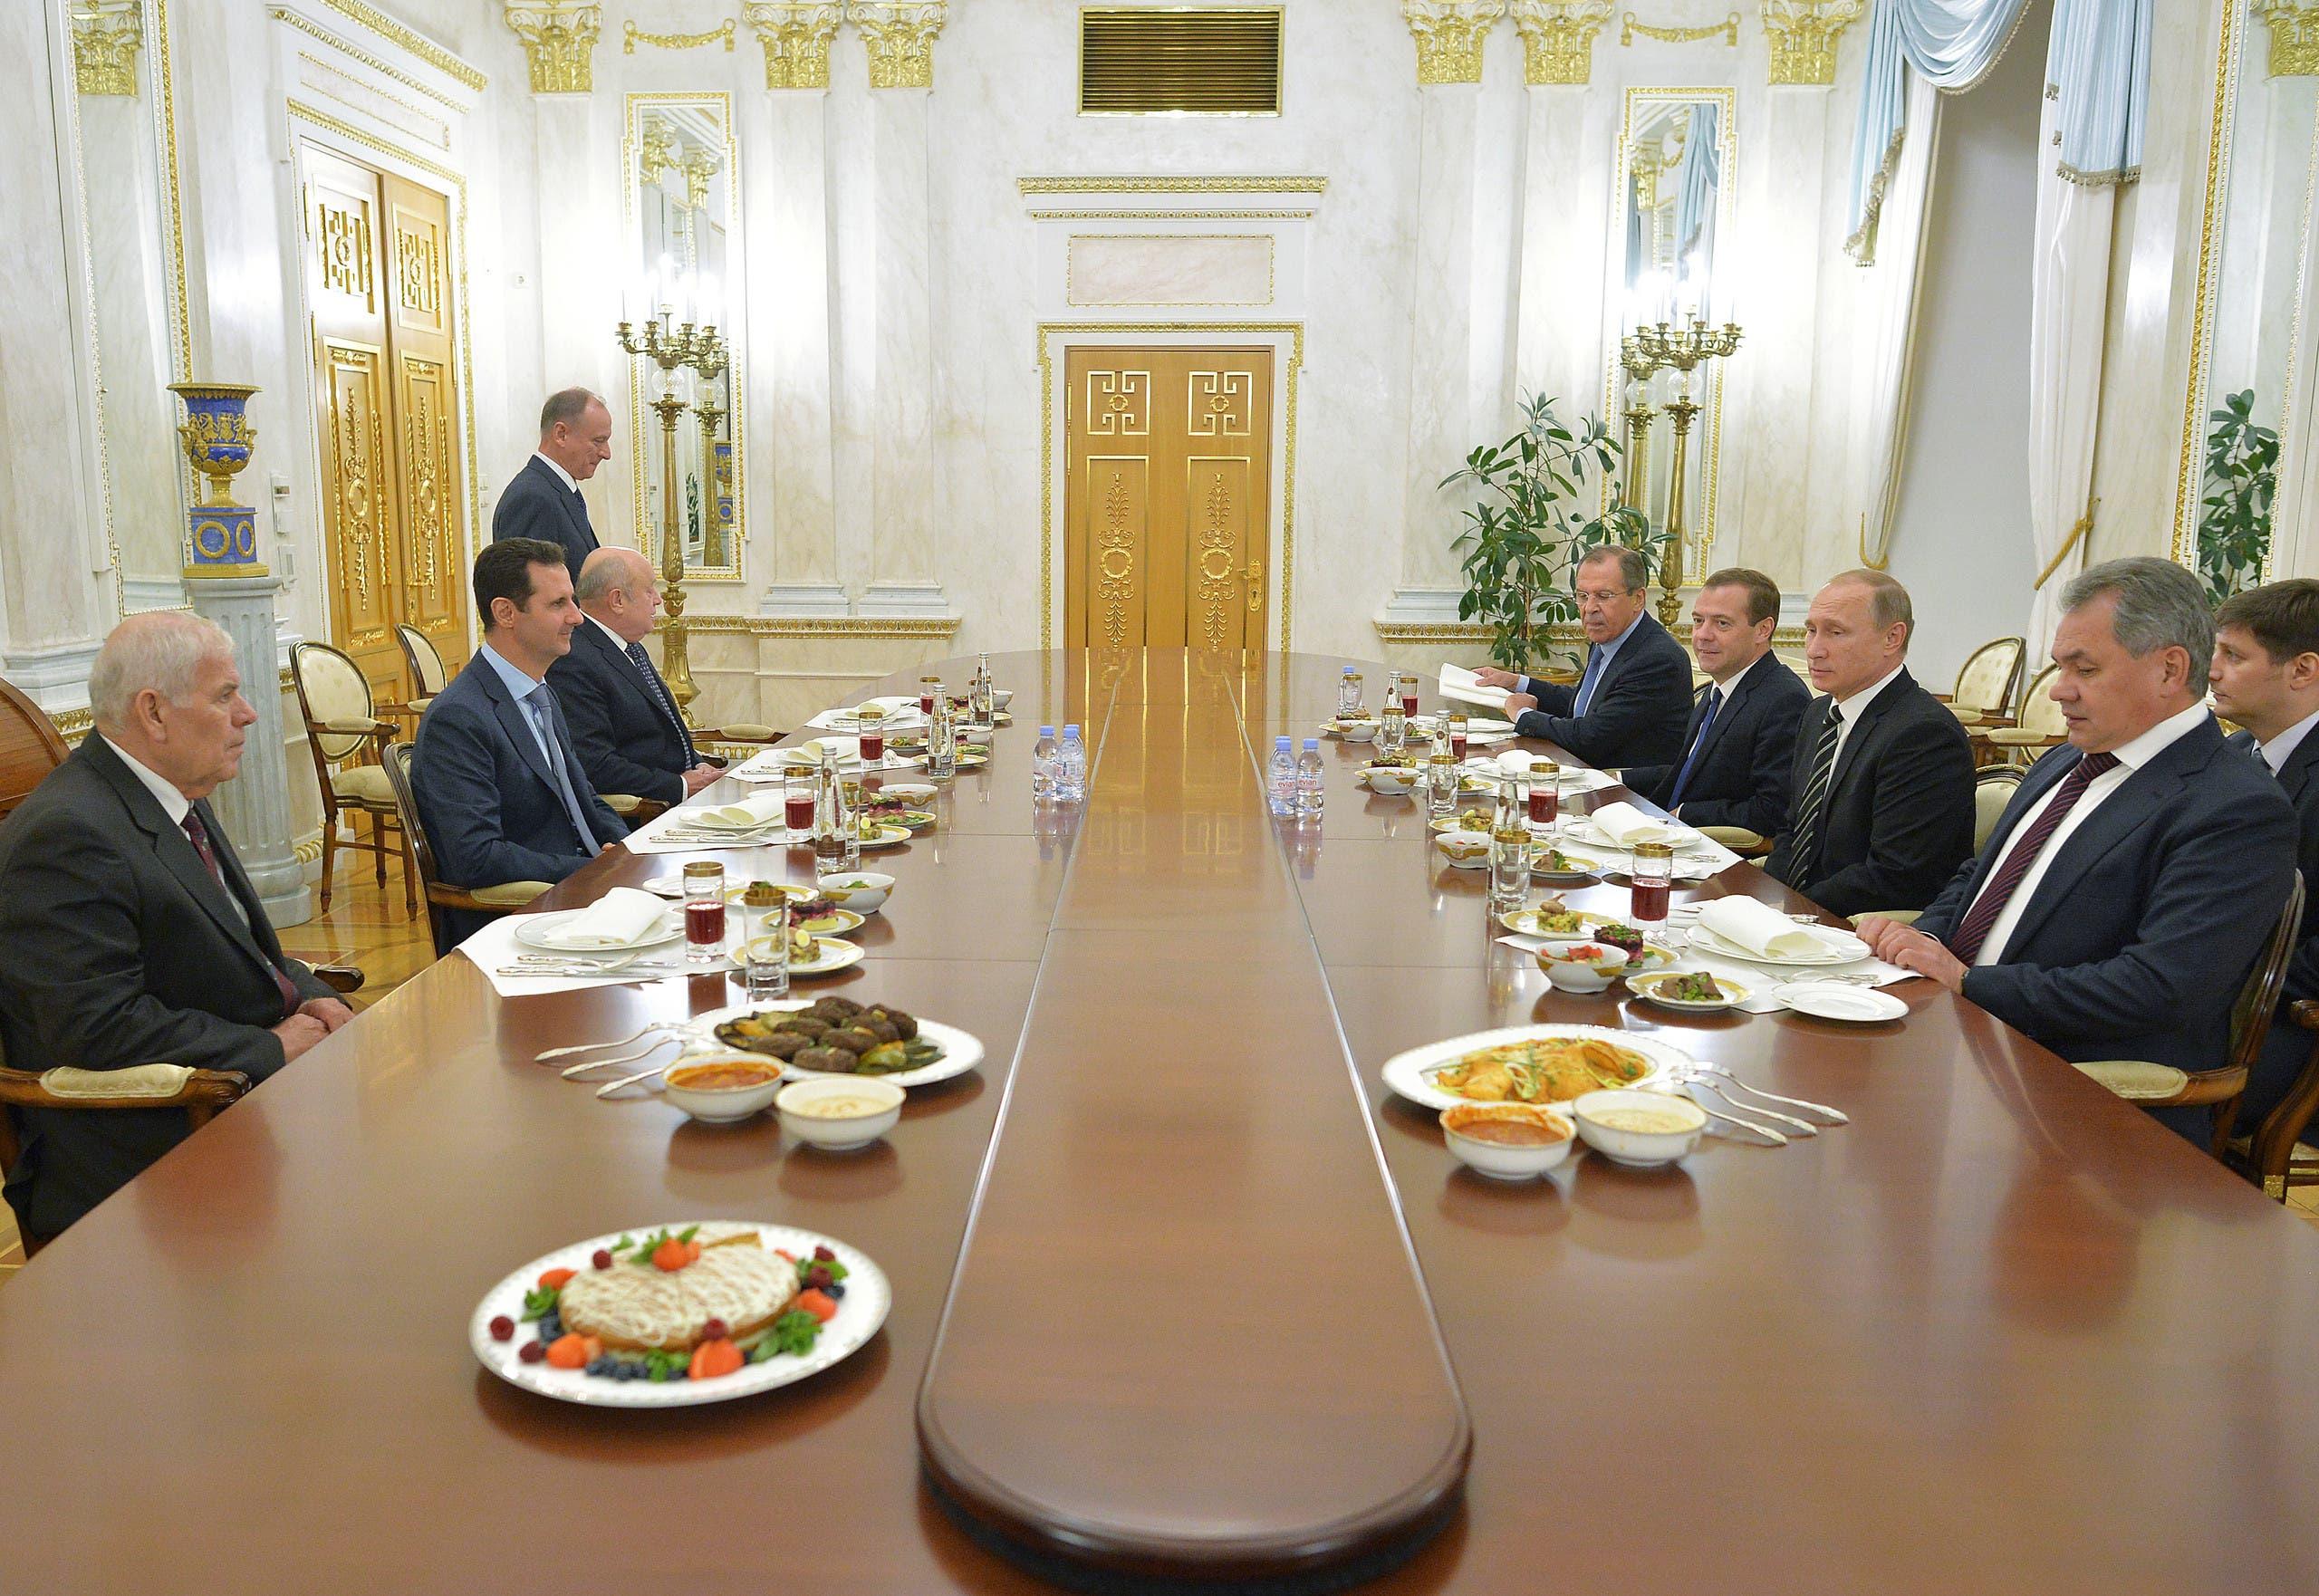 جلسة مباحثات بين الأسد وبوتين